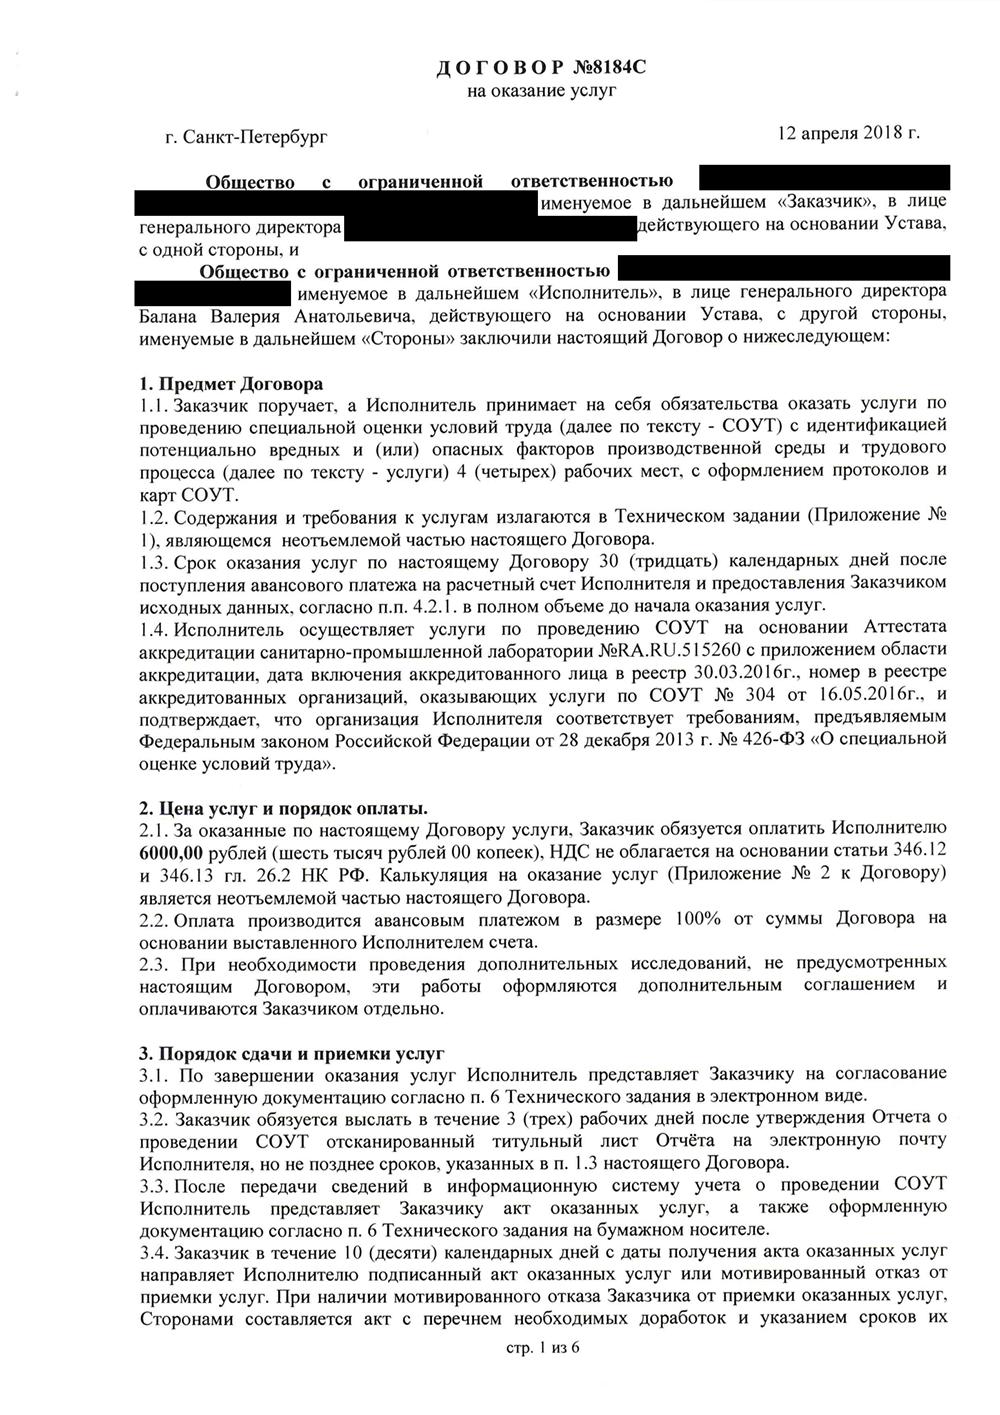 Договор с компанией